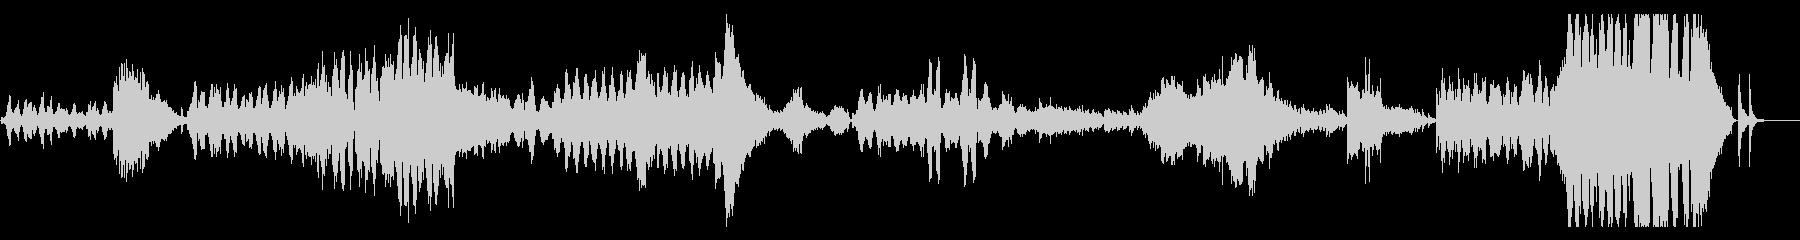 ドビュッシー 世俗的な舞曲 ハープと弦の未再生の波形